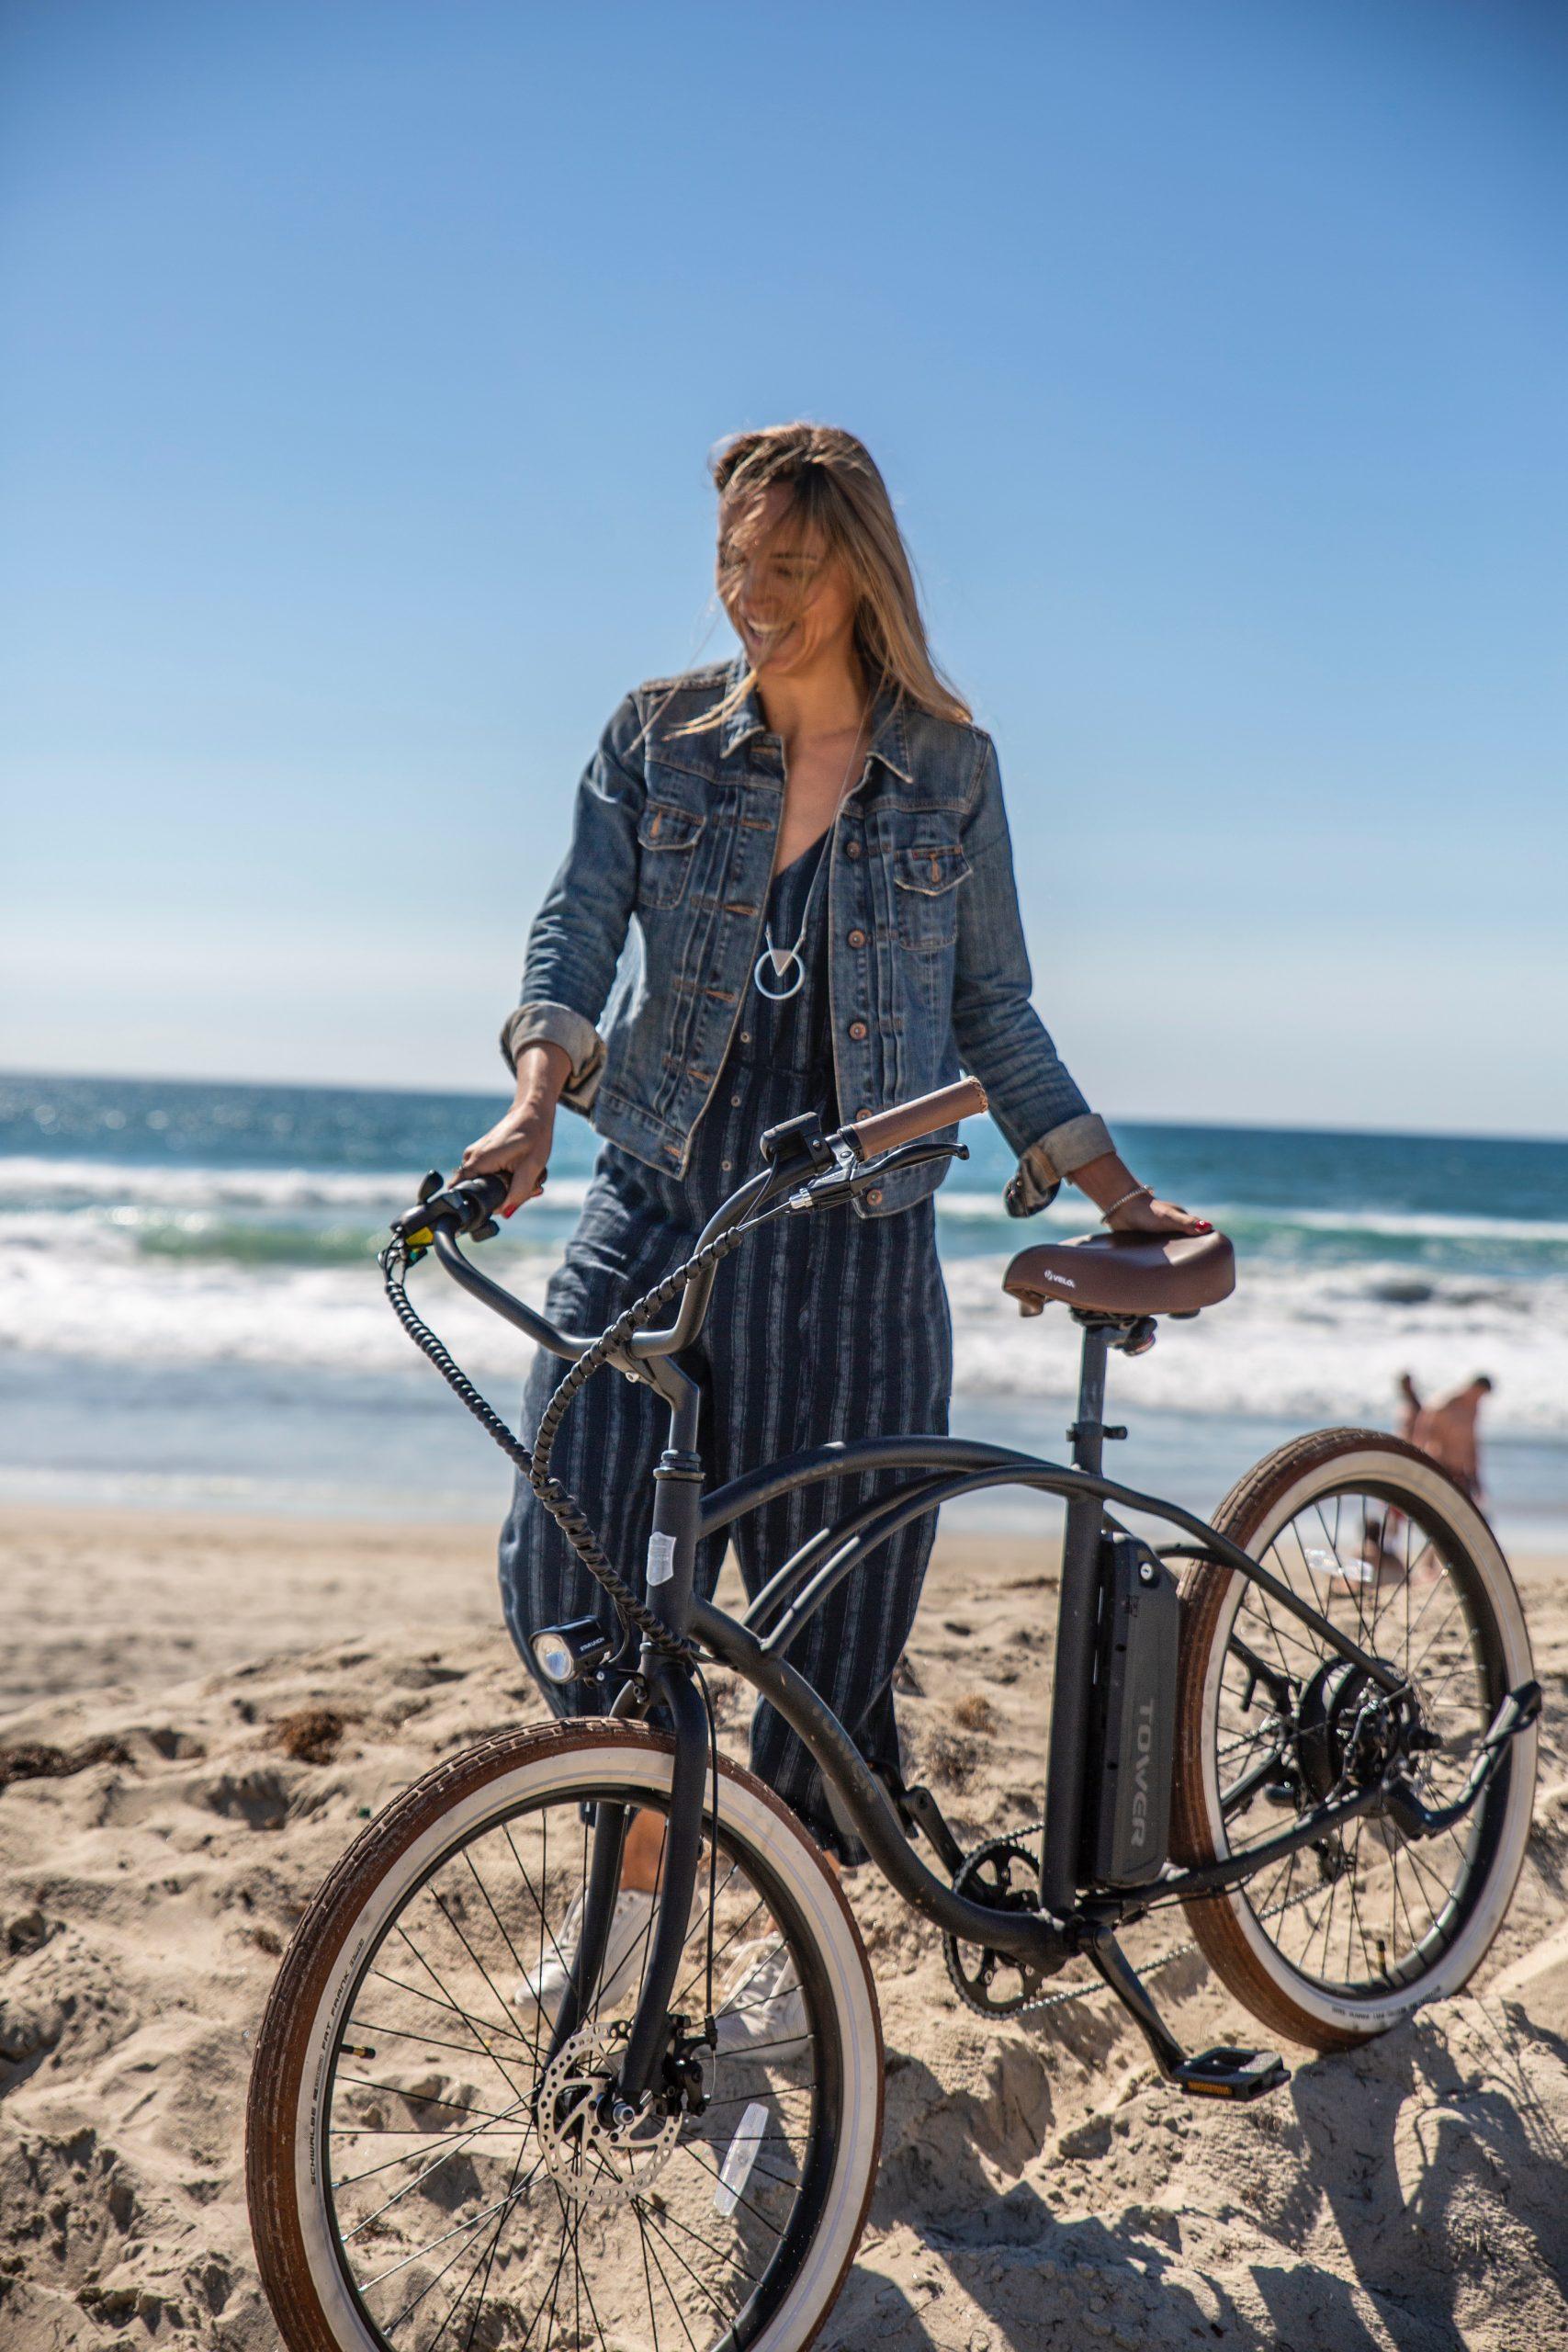 vélo électrique au bord de la mer